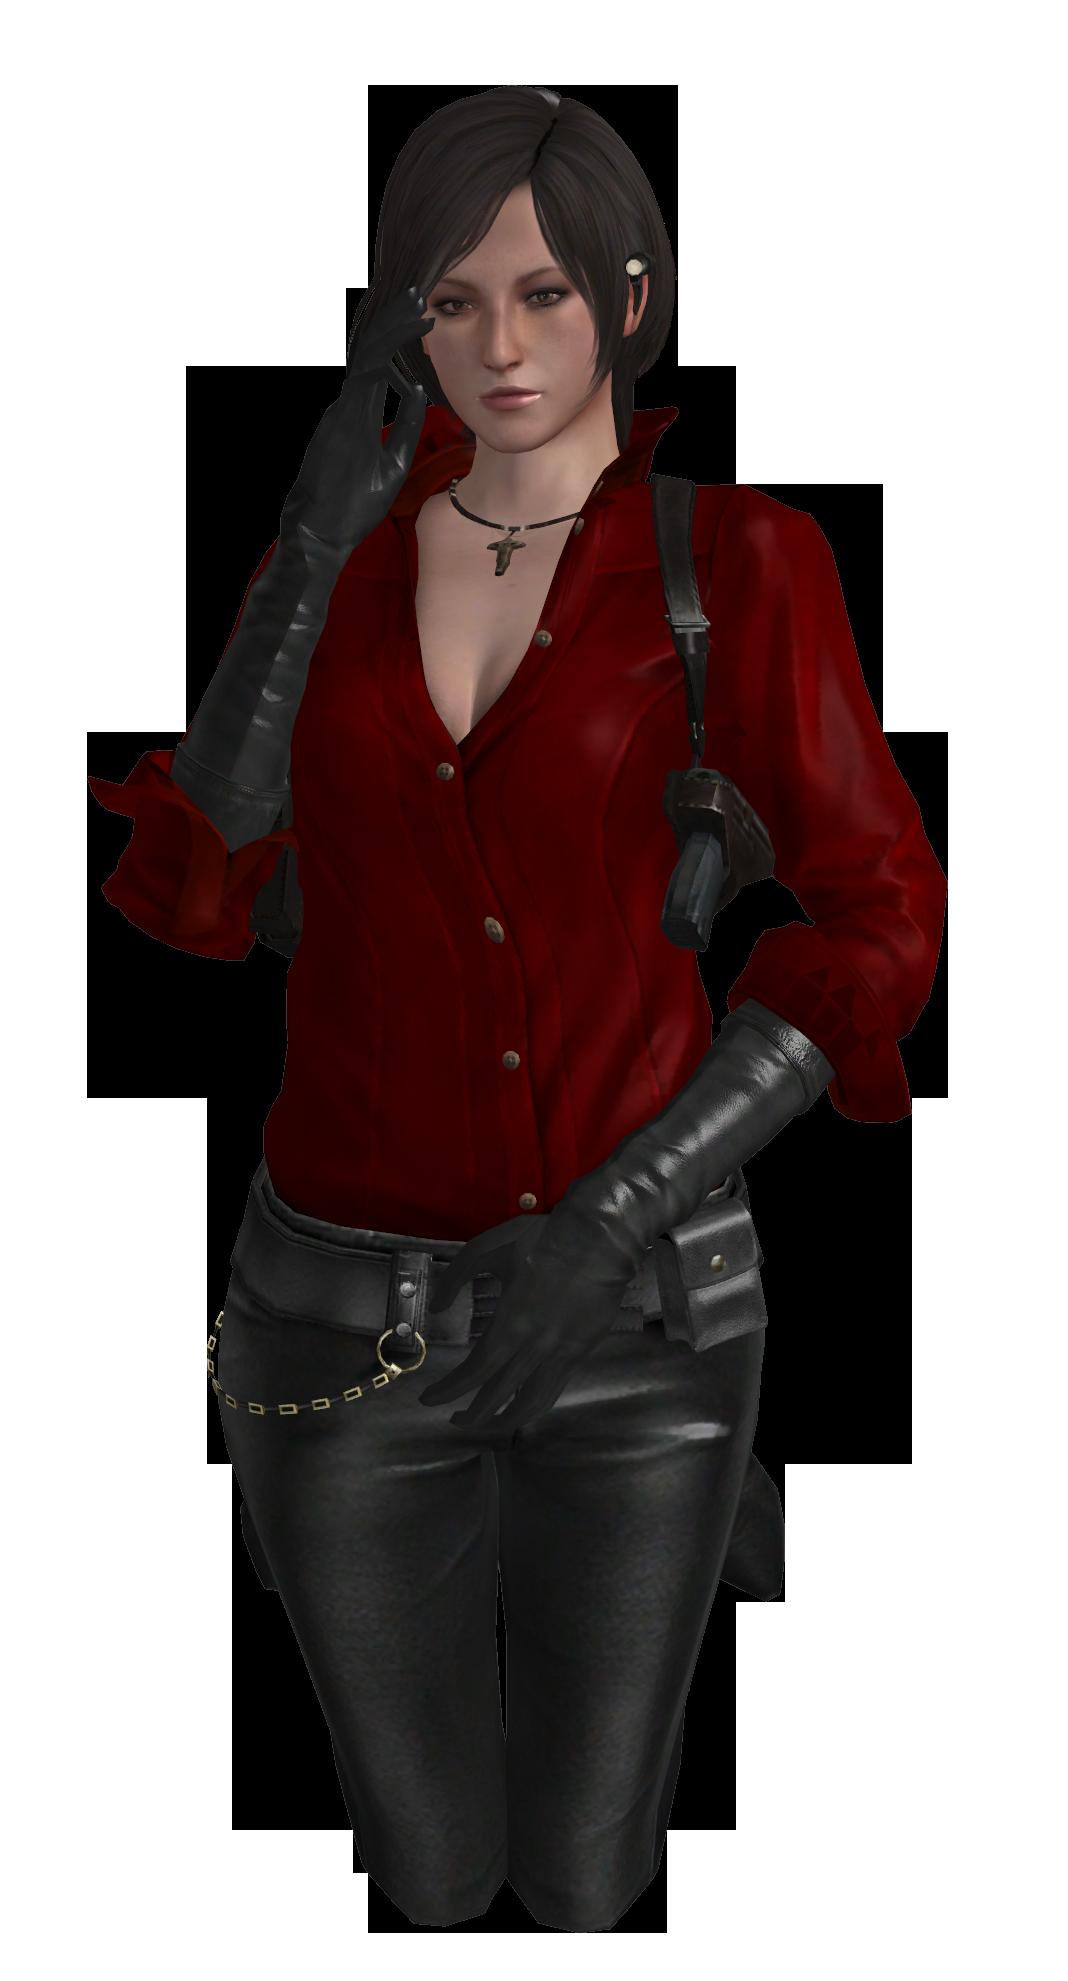 Resident evil 3d bokep erotica photos